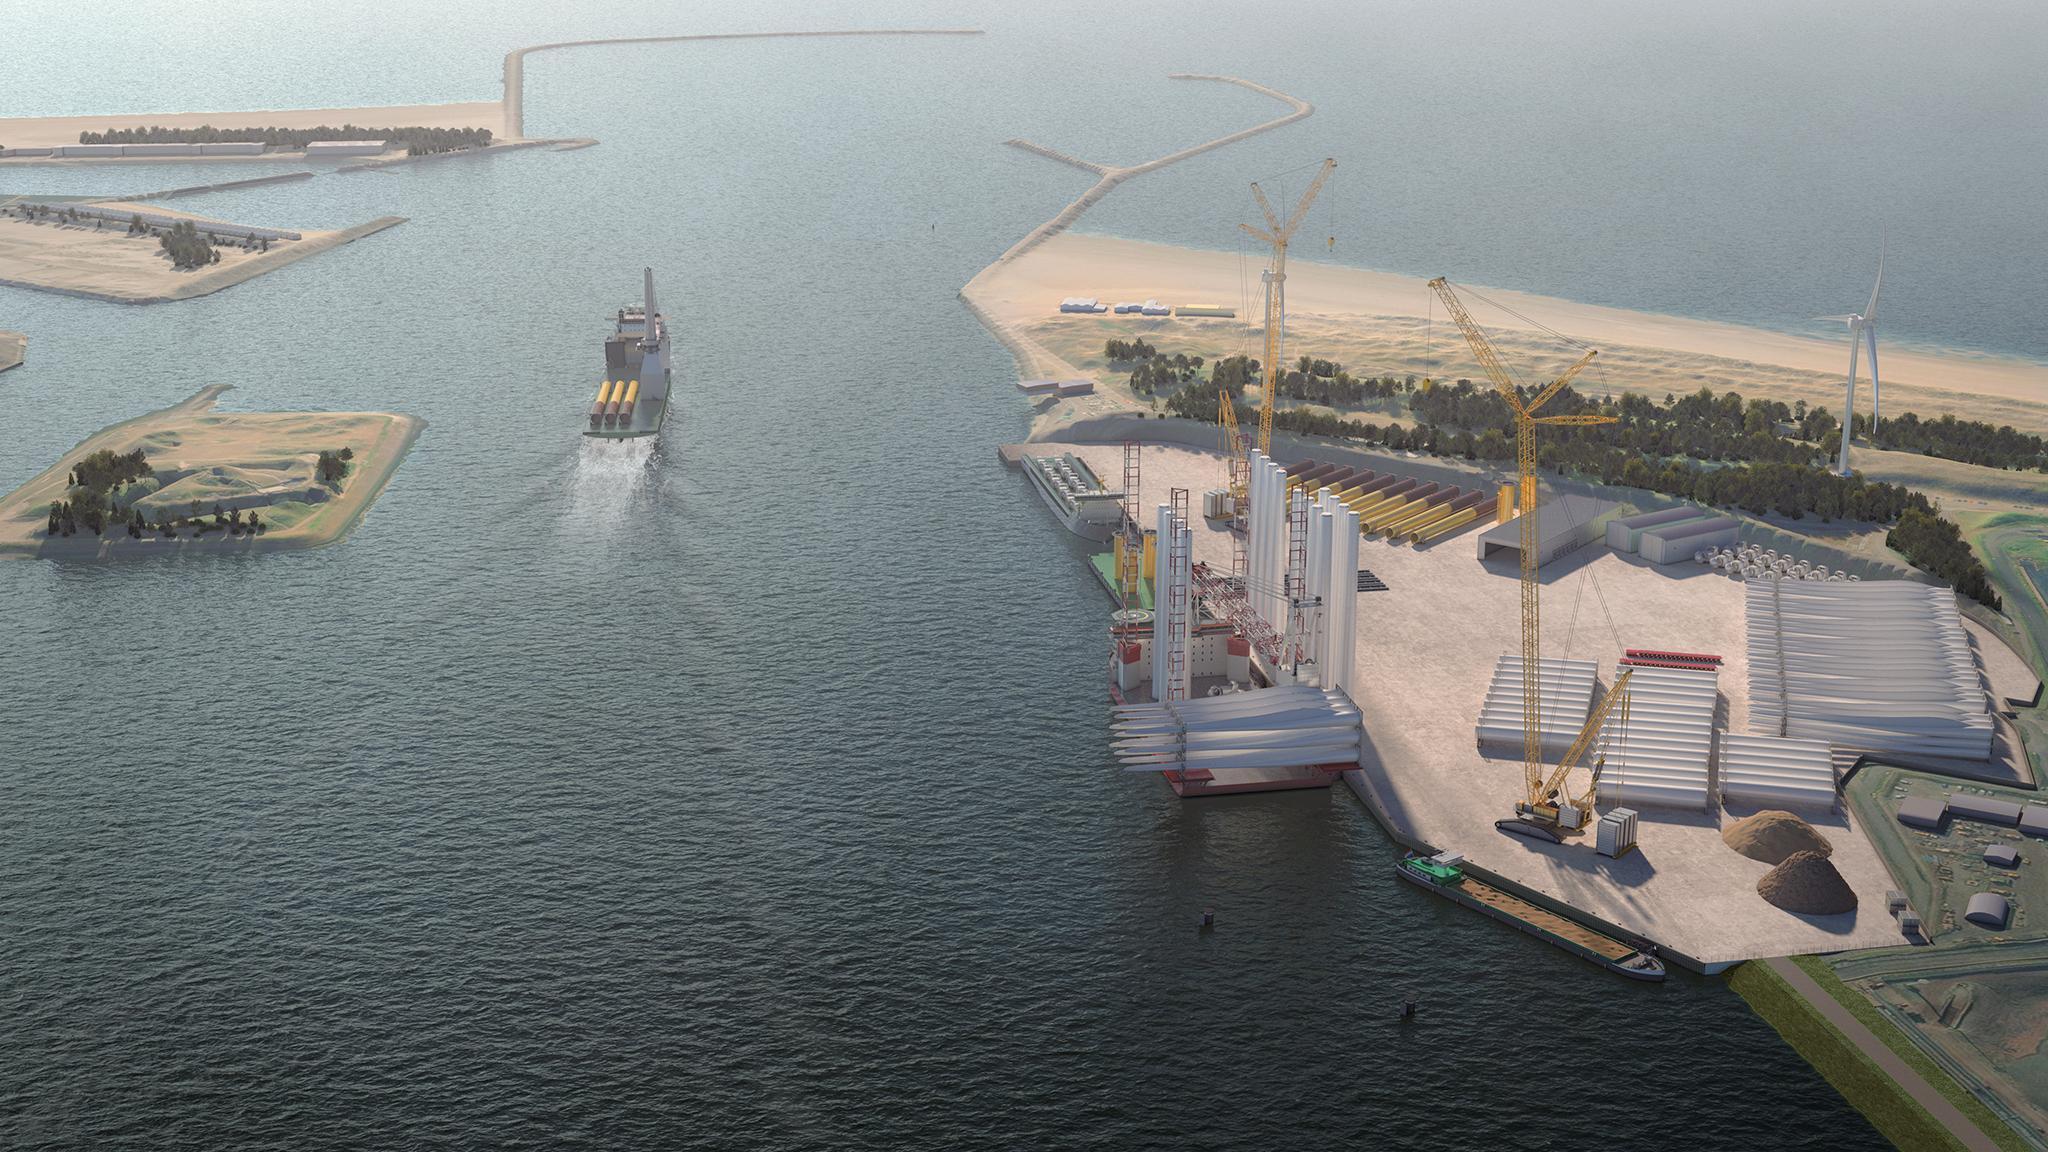 Eindelijk akkoord over de aanleg van de Energiehaven bij Tata Steel. De initiatiefnemers reageren verheugd: 'De ambitie om de IJmond uit te groeien tot het centrum van wind op zee in Nederland is een stuk dichterbij gekomen'